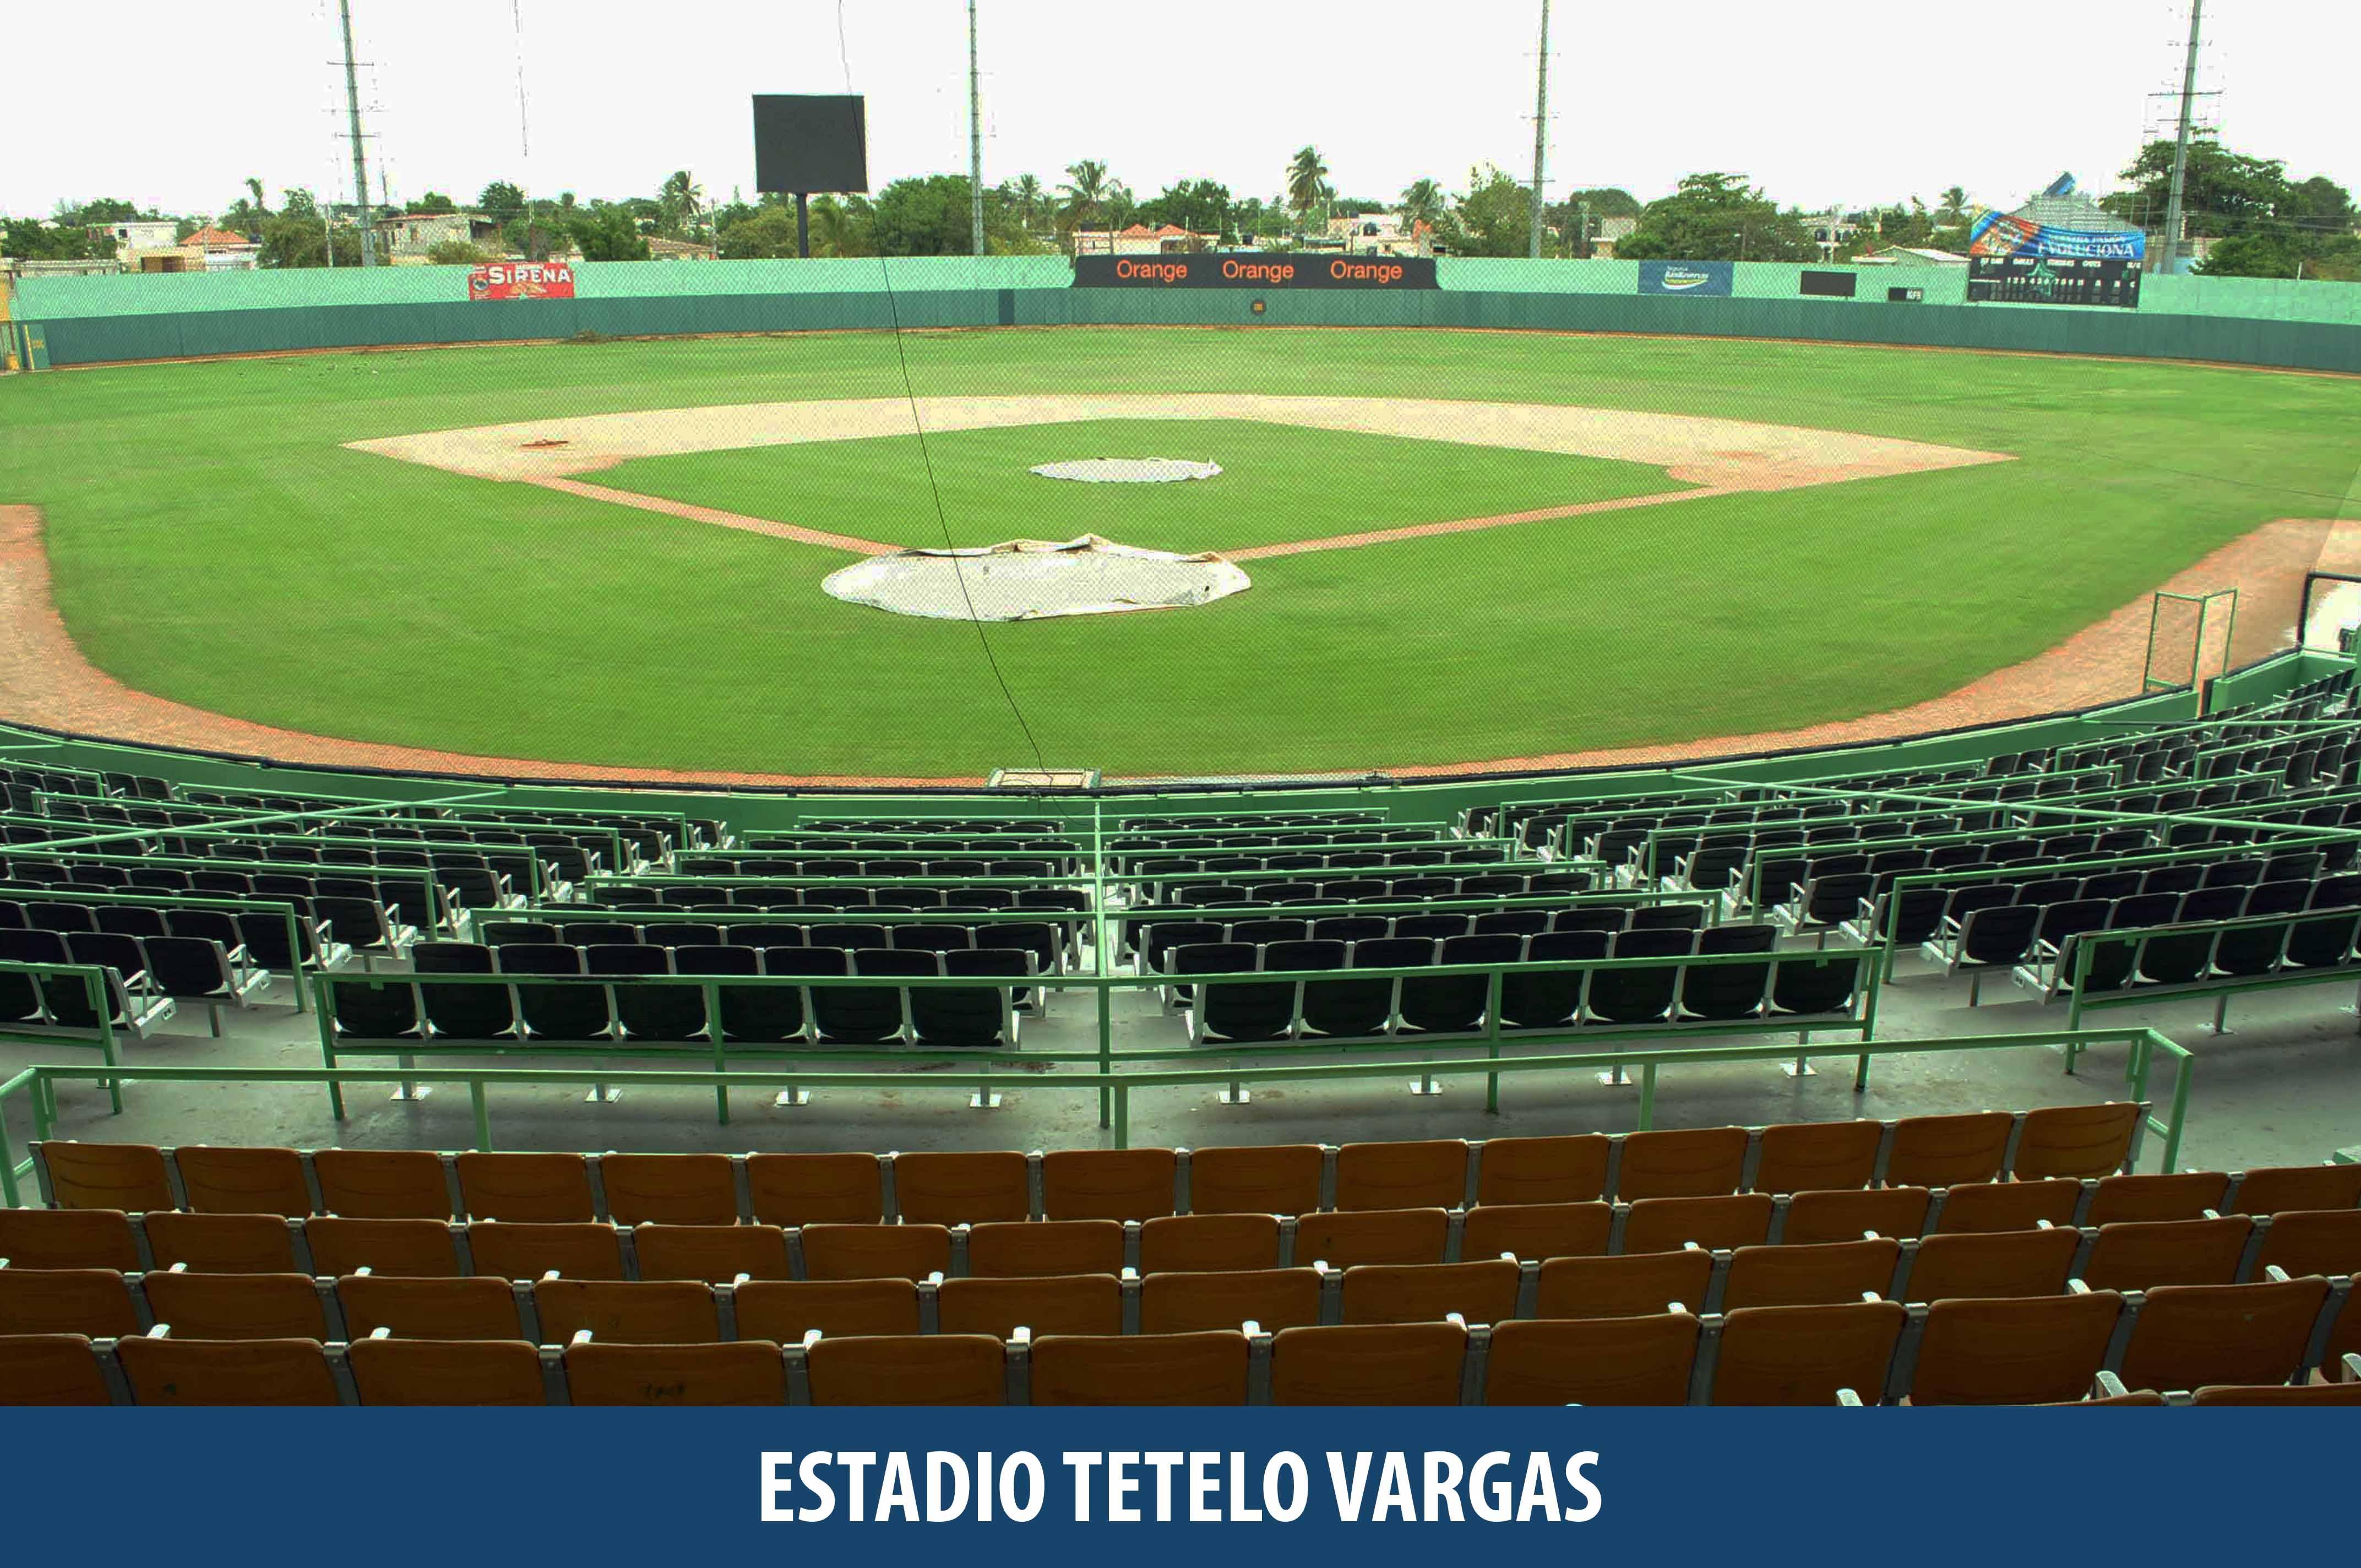 Estadio Tetelo Vargas